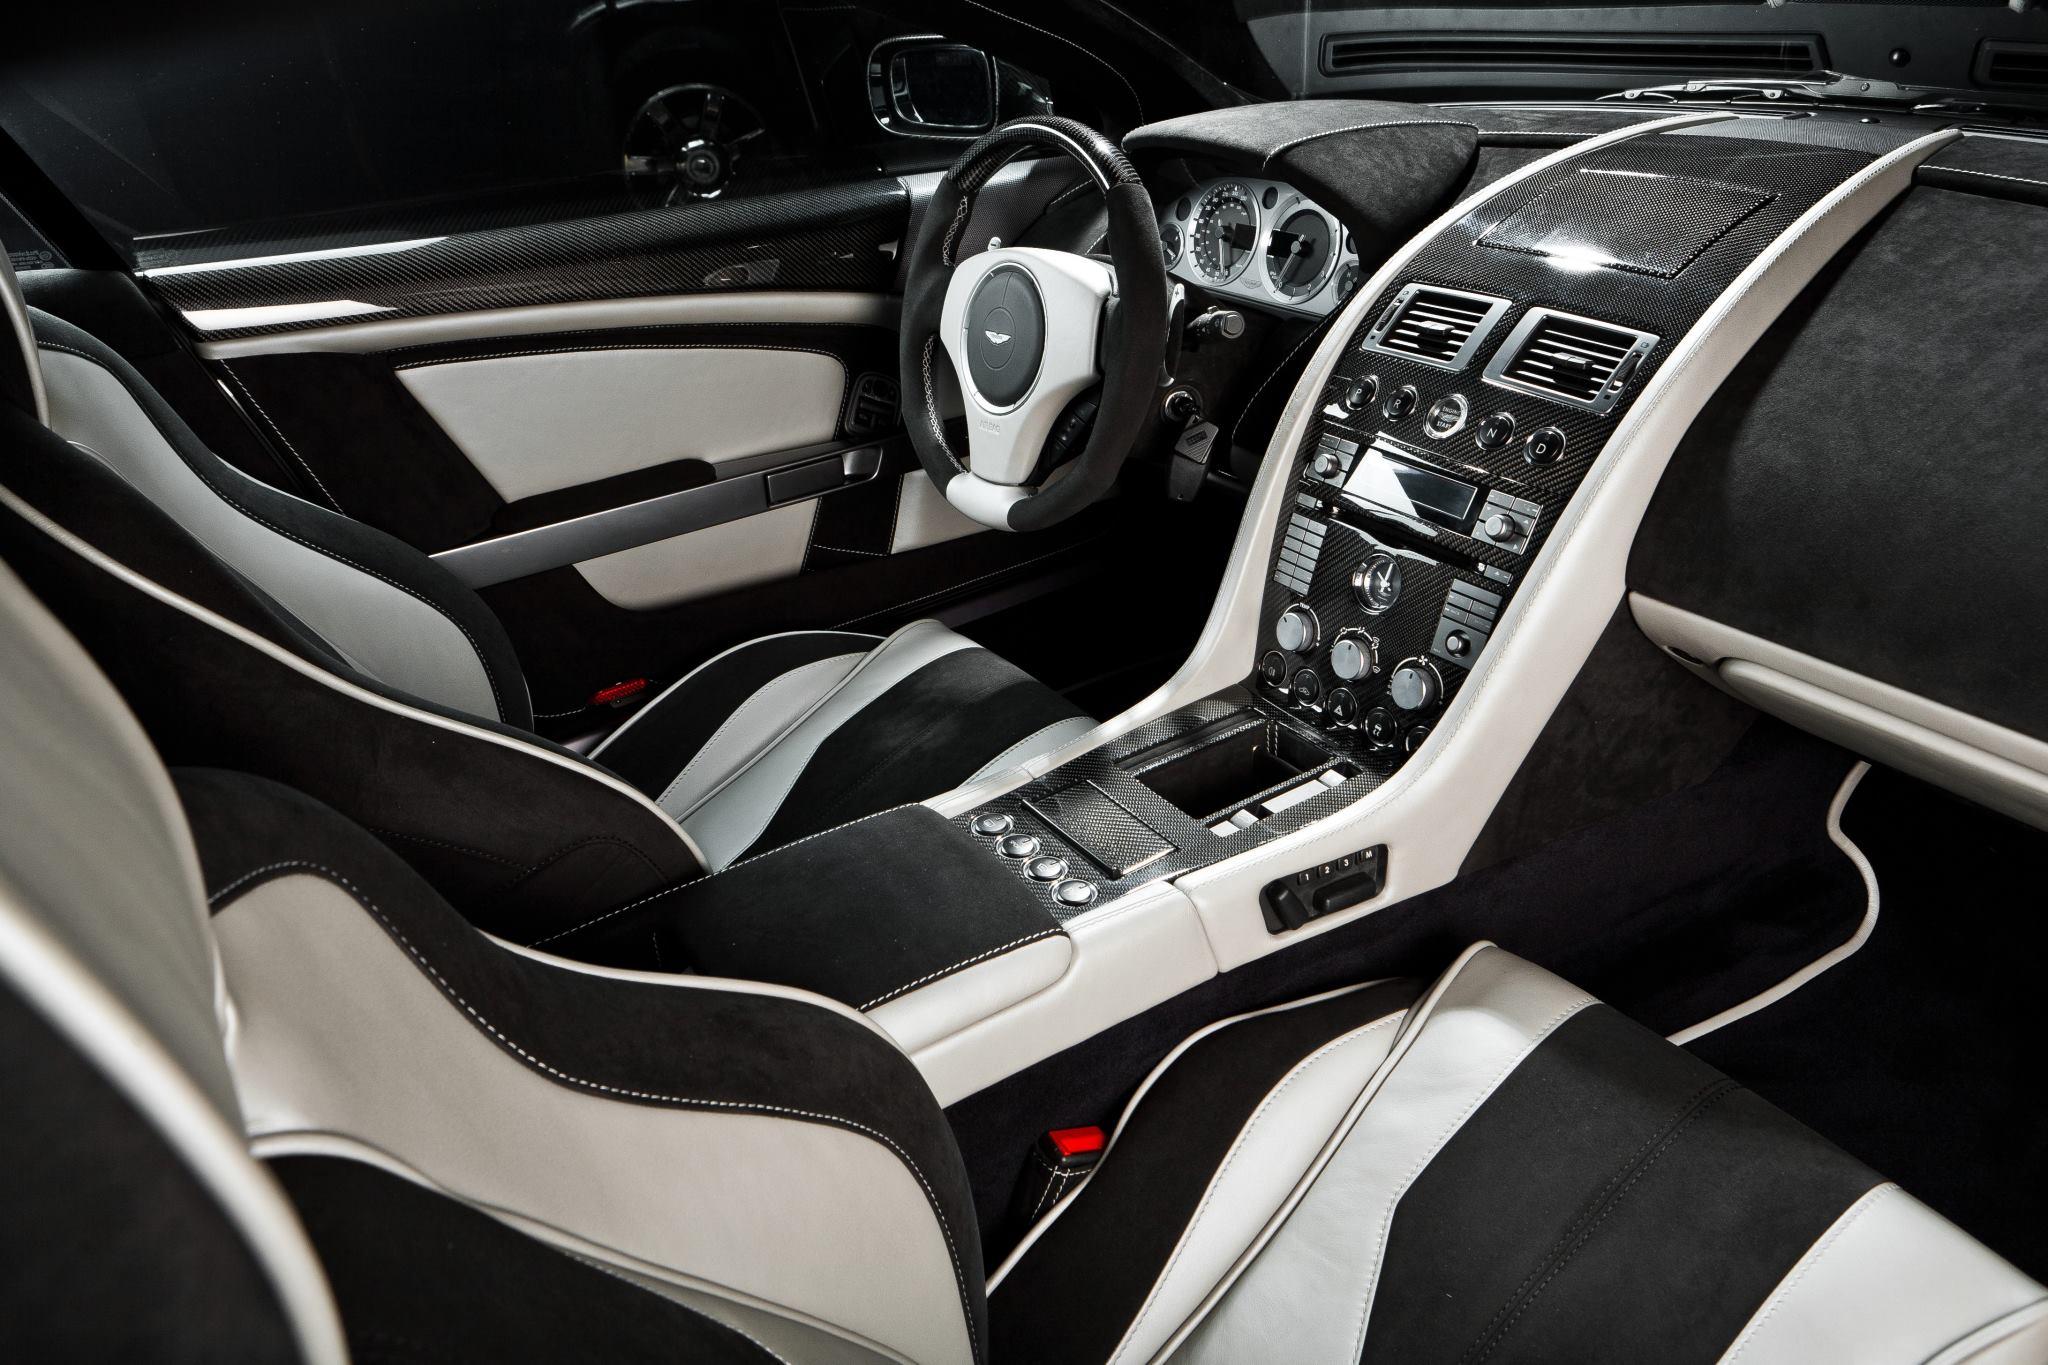 Car interior necessities - Car Interior And Exterior Tuning